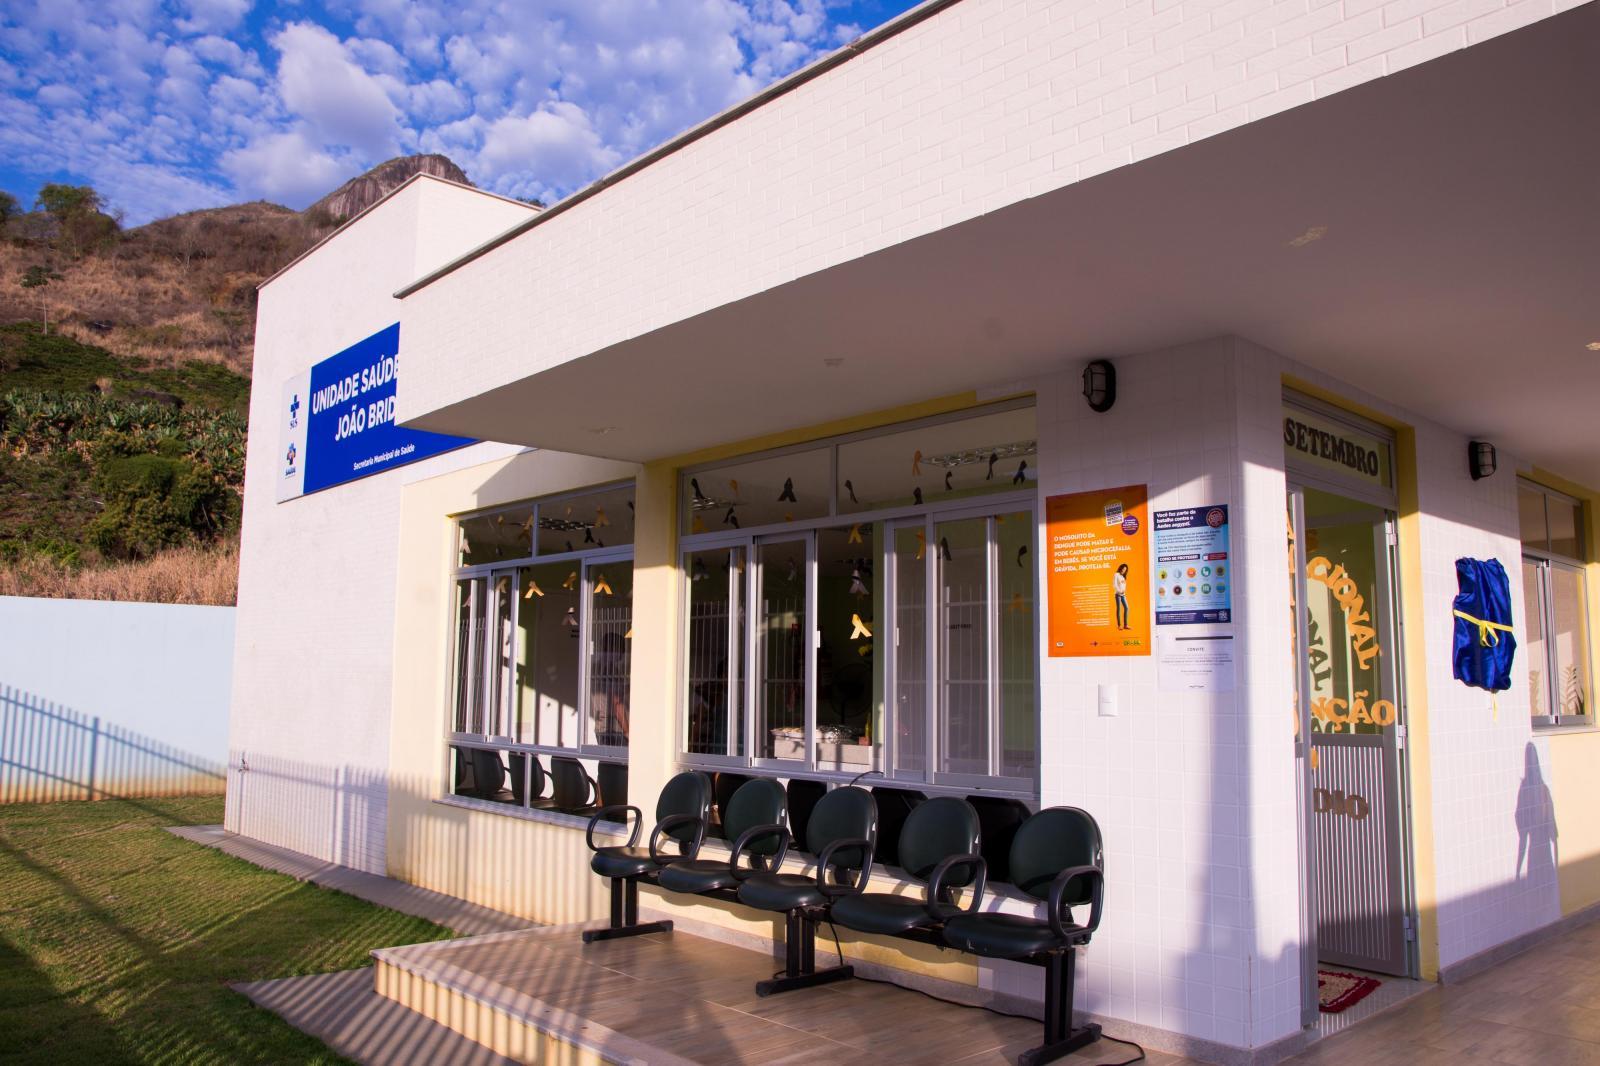 Inauguradas Unidade de Saúde e pavimentação de Rua na Praça Oito